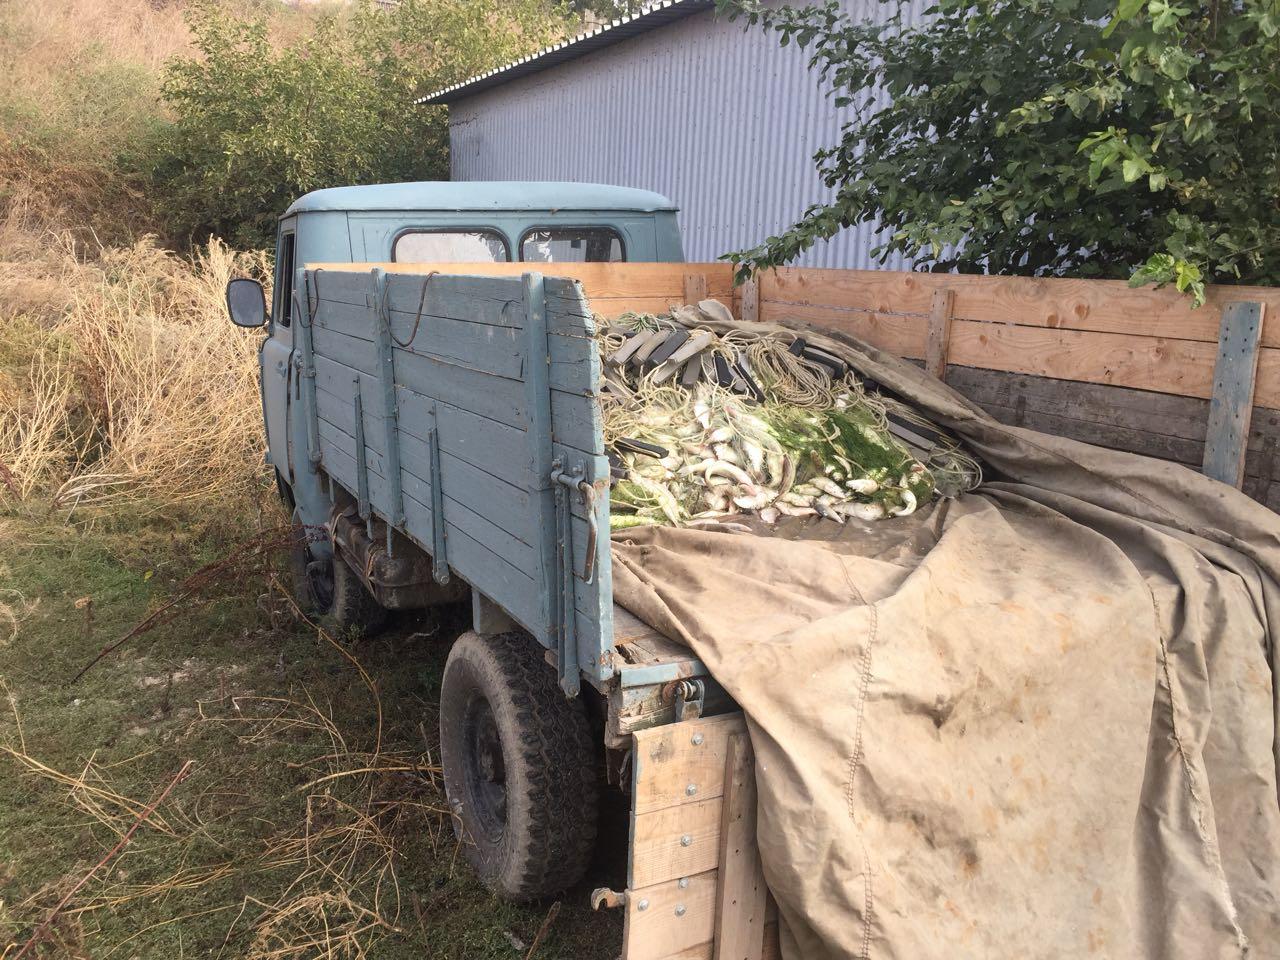 Пограничный наряд управления ФСБ задержал браконьеров в Петрушино с 500 кг шемаи